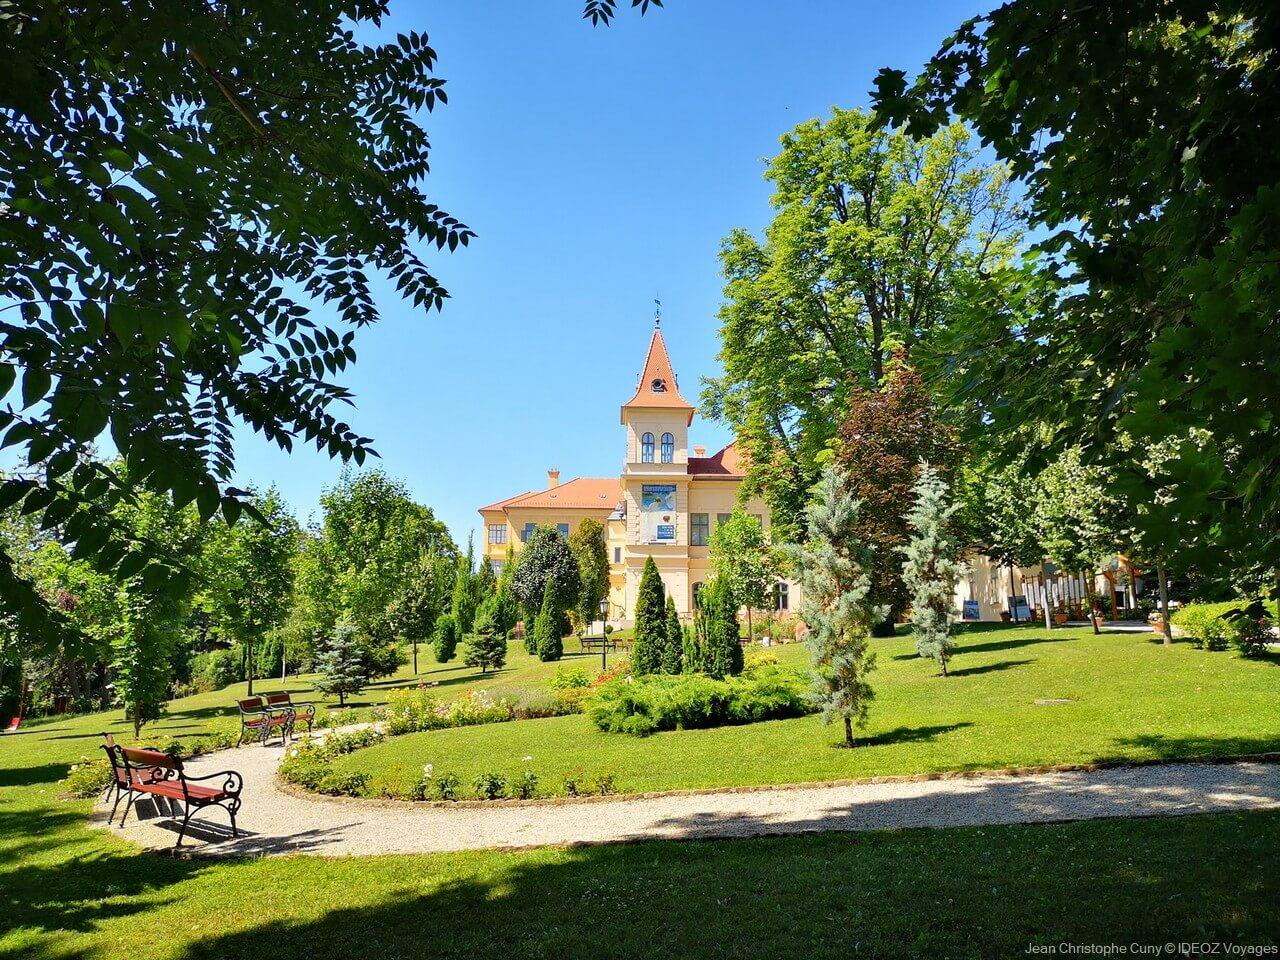 jardin public dans une ville au bord du lac de Balaton